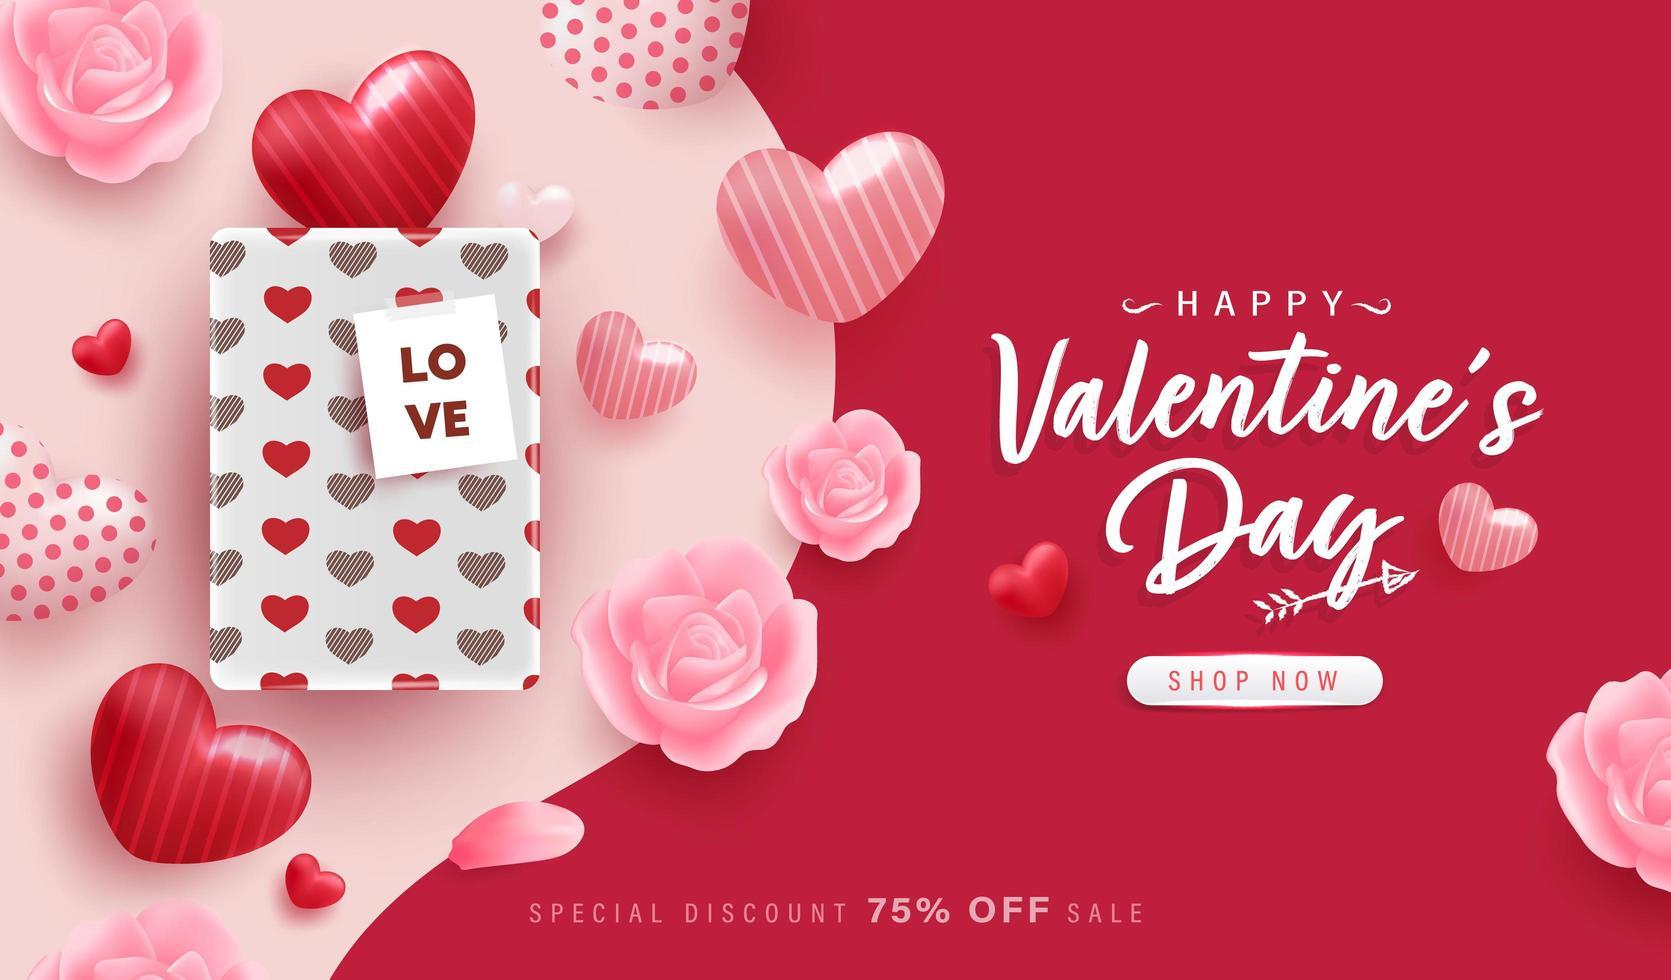 felice giorno di San Valentino sfondo o banner con elementi adorabili vettore